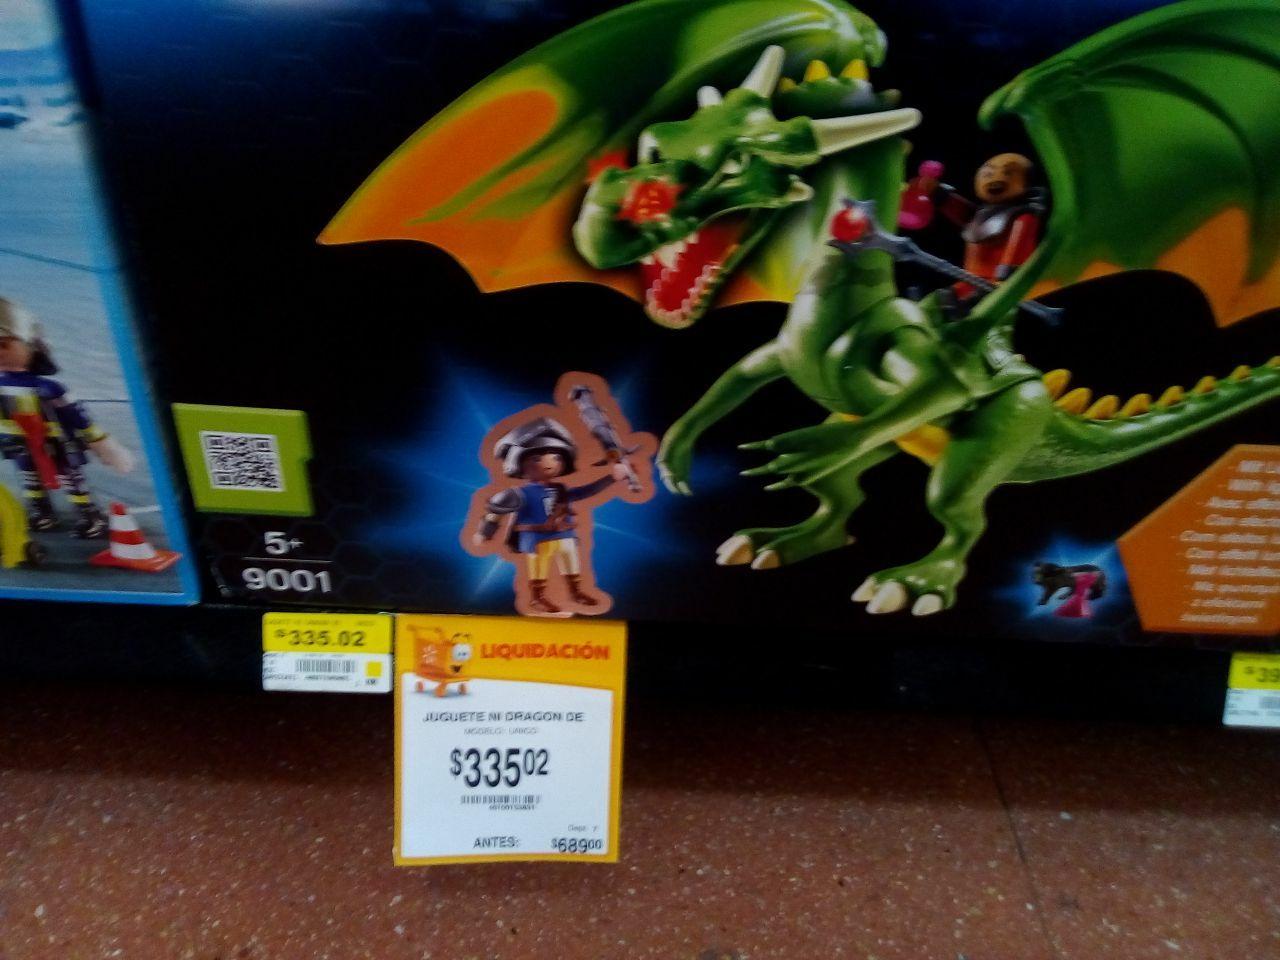 Walmart Plateros: varios juguetes en descuento (ej. Dragon Playmobil)